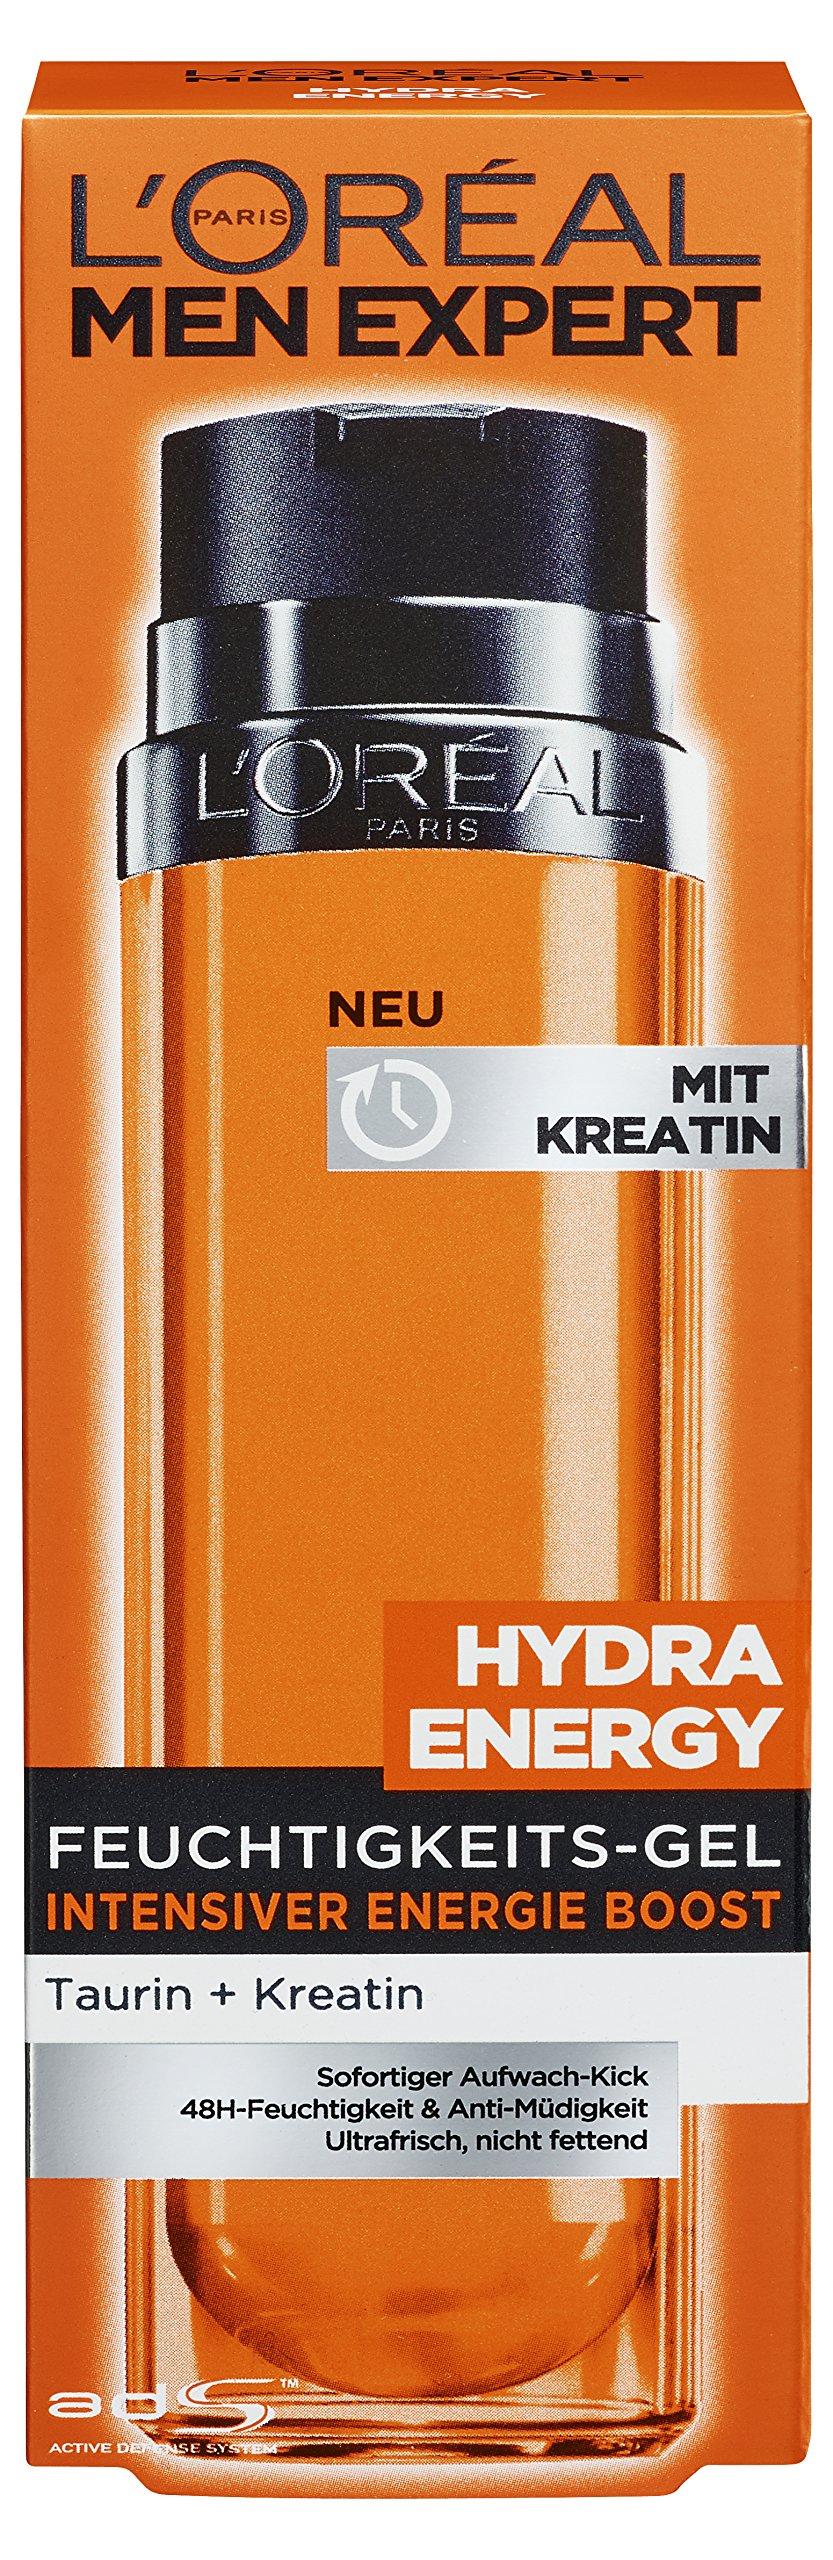 L'Oreal Men Expert Hydra Energy, gel hidratante energizante de creatina para el cuidado de la hidratación, paquete de 1 unidad (1 unidad de 50g)